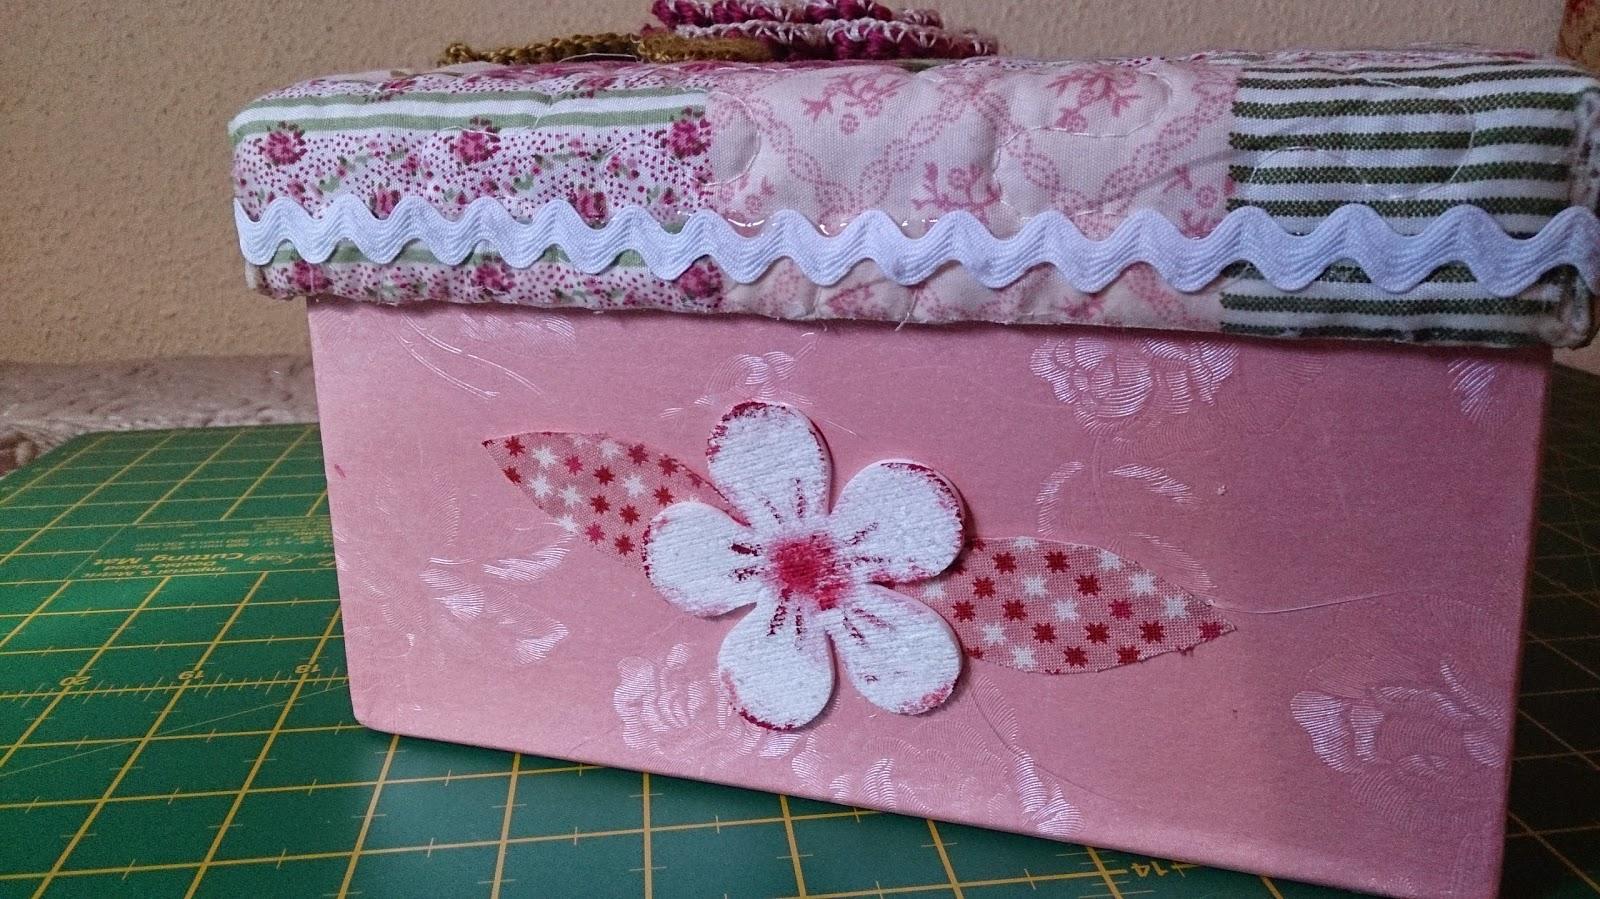 Caja de cart n decorada con tela goma eva y una flor a for Forrar cajas de carton con tela